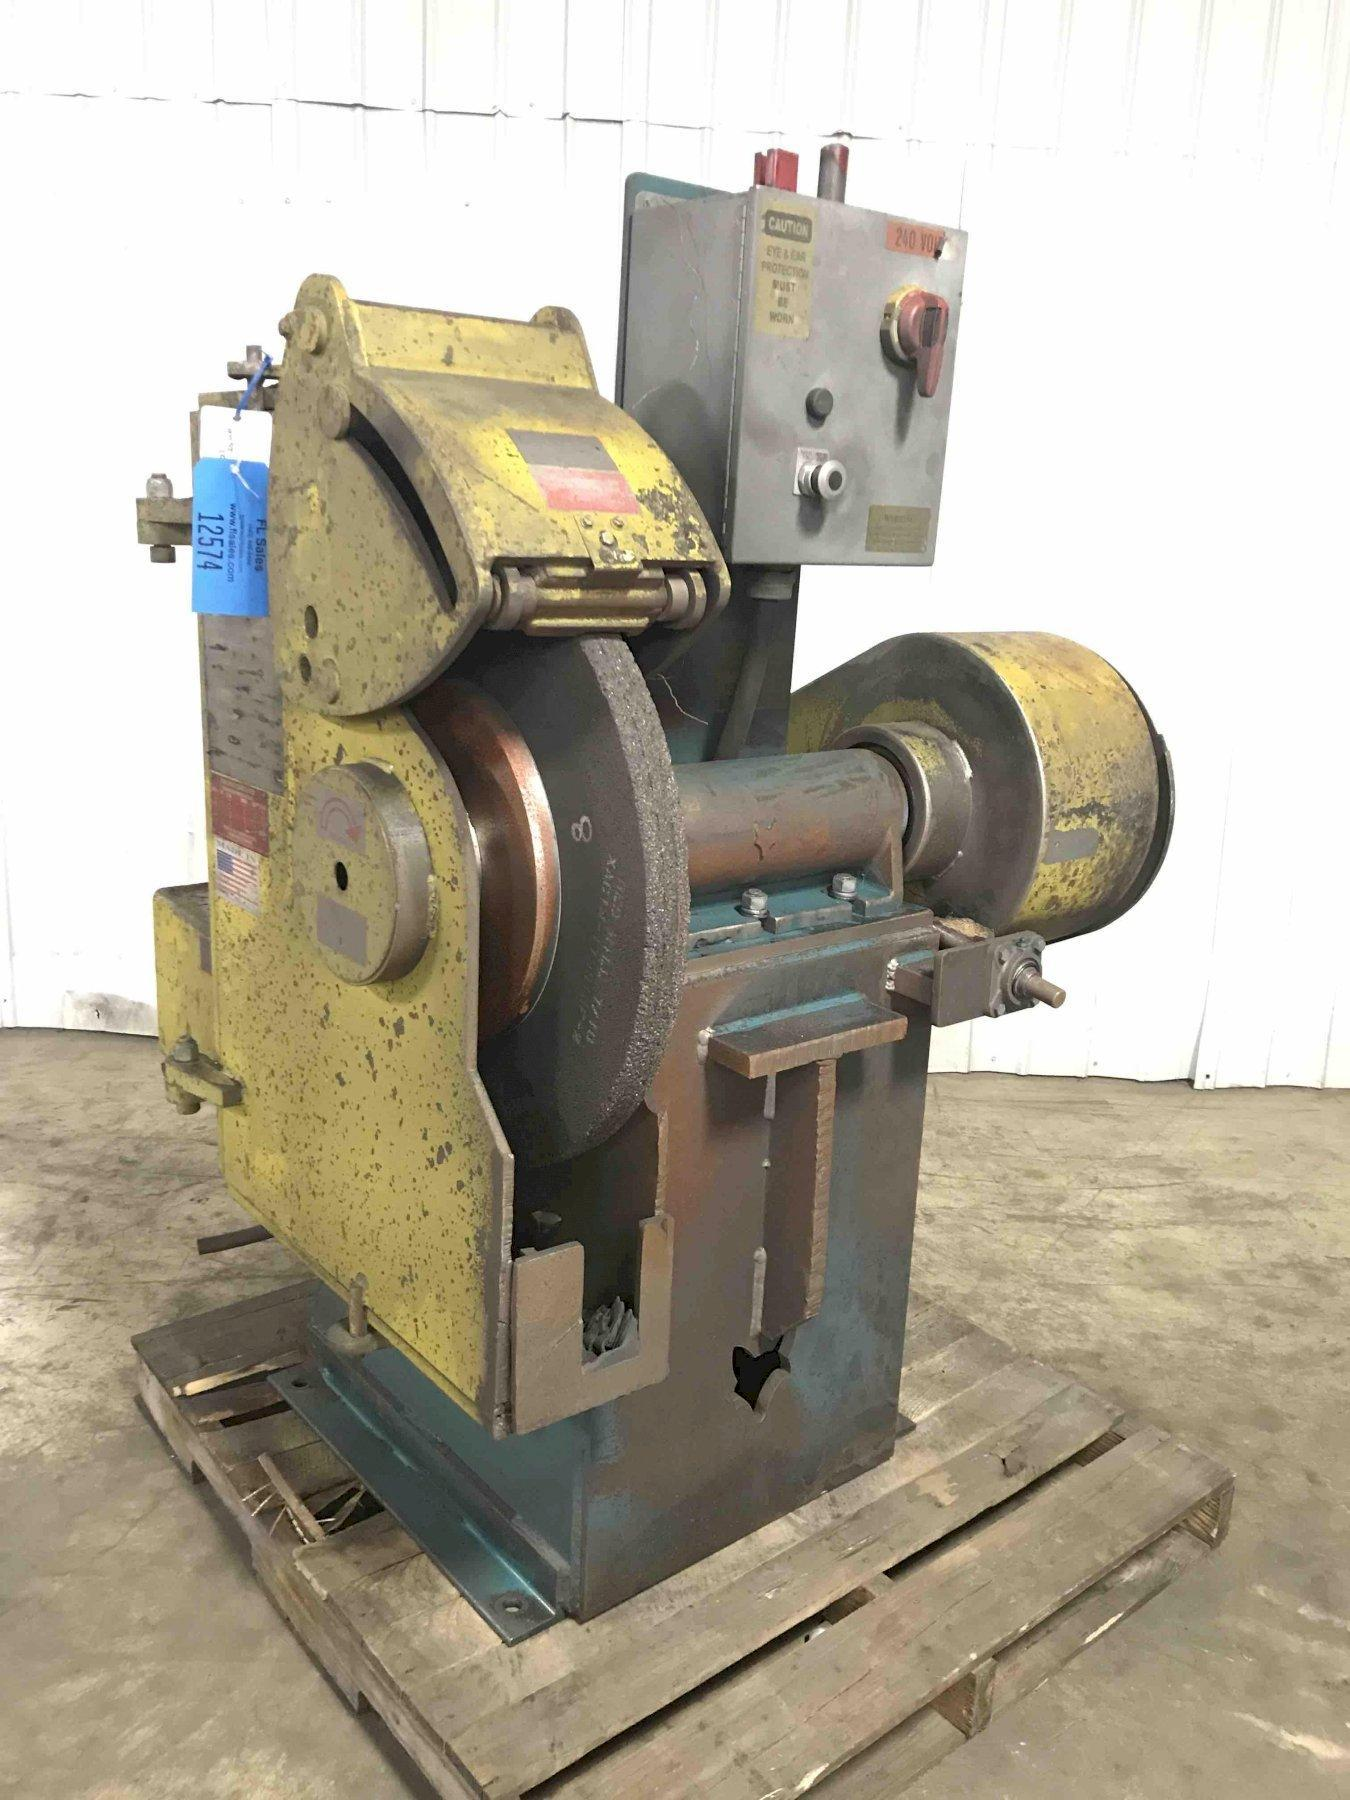 FOX Grinder Model F100013625, S/N 48007, 30